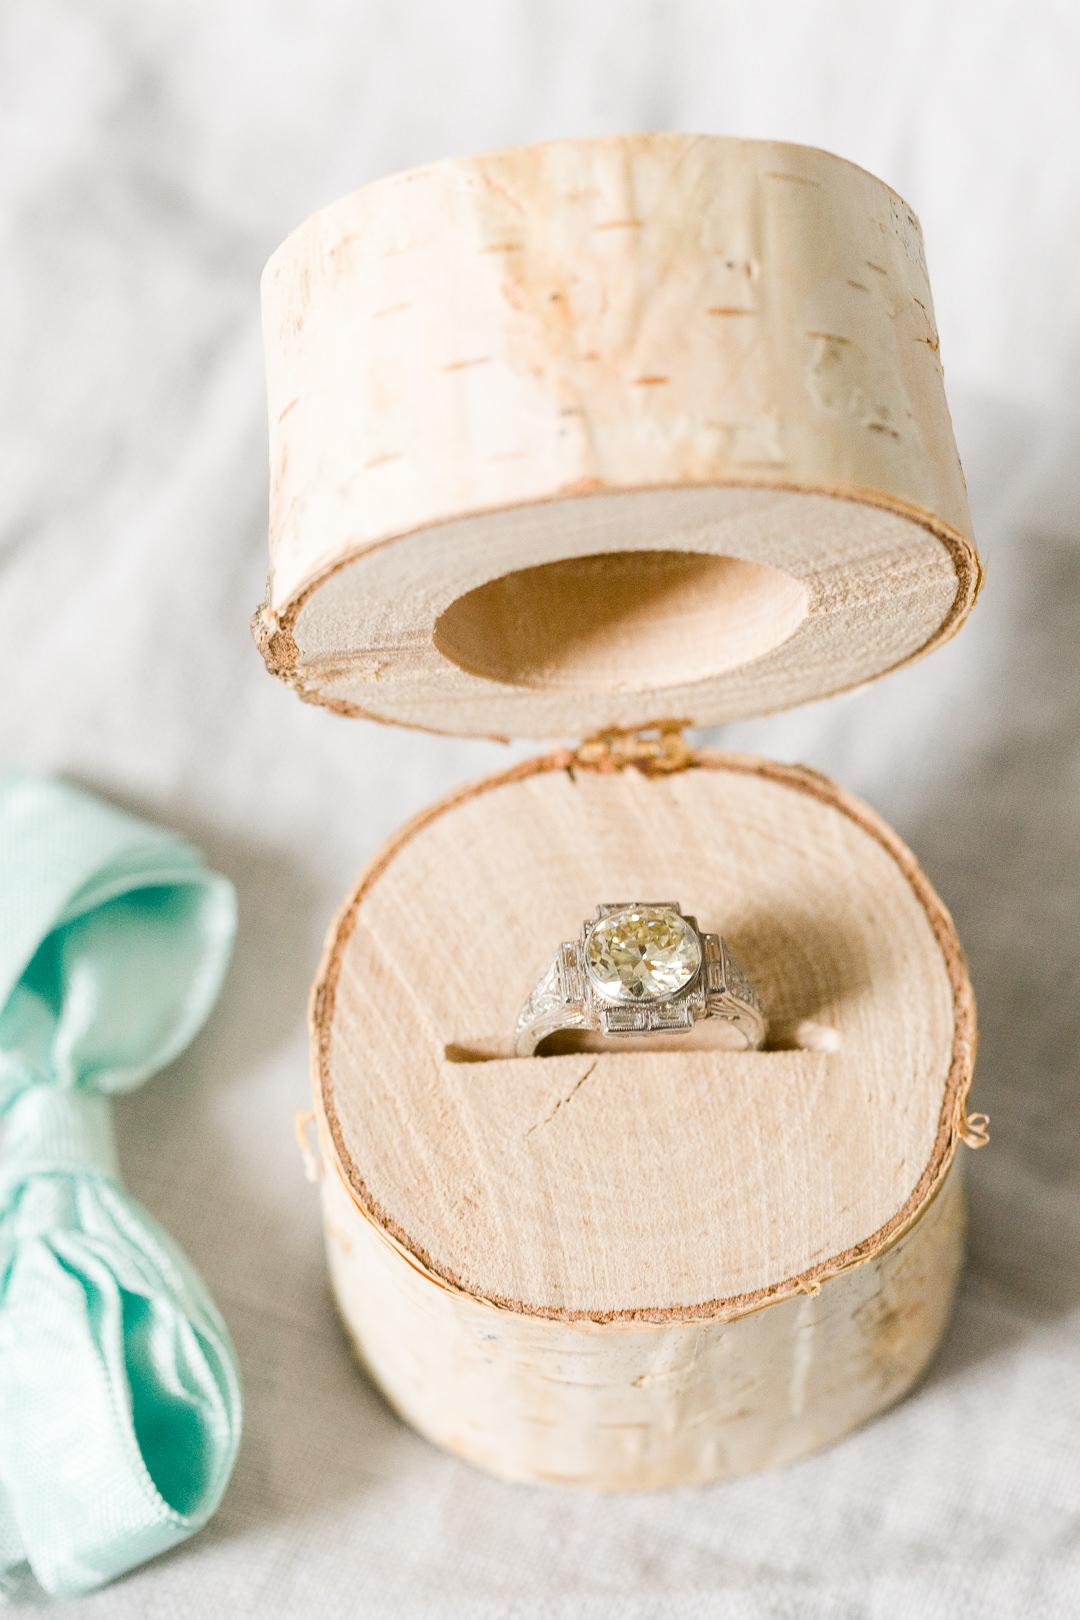 DIY Birch Log Ring Box -  https://ruffledblog.com/diy-birch-log-ring-box/